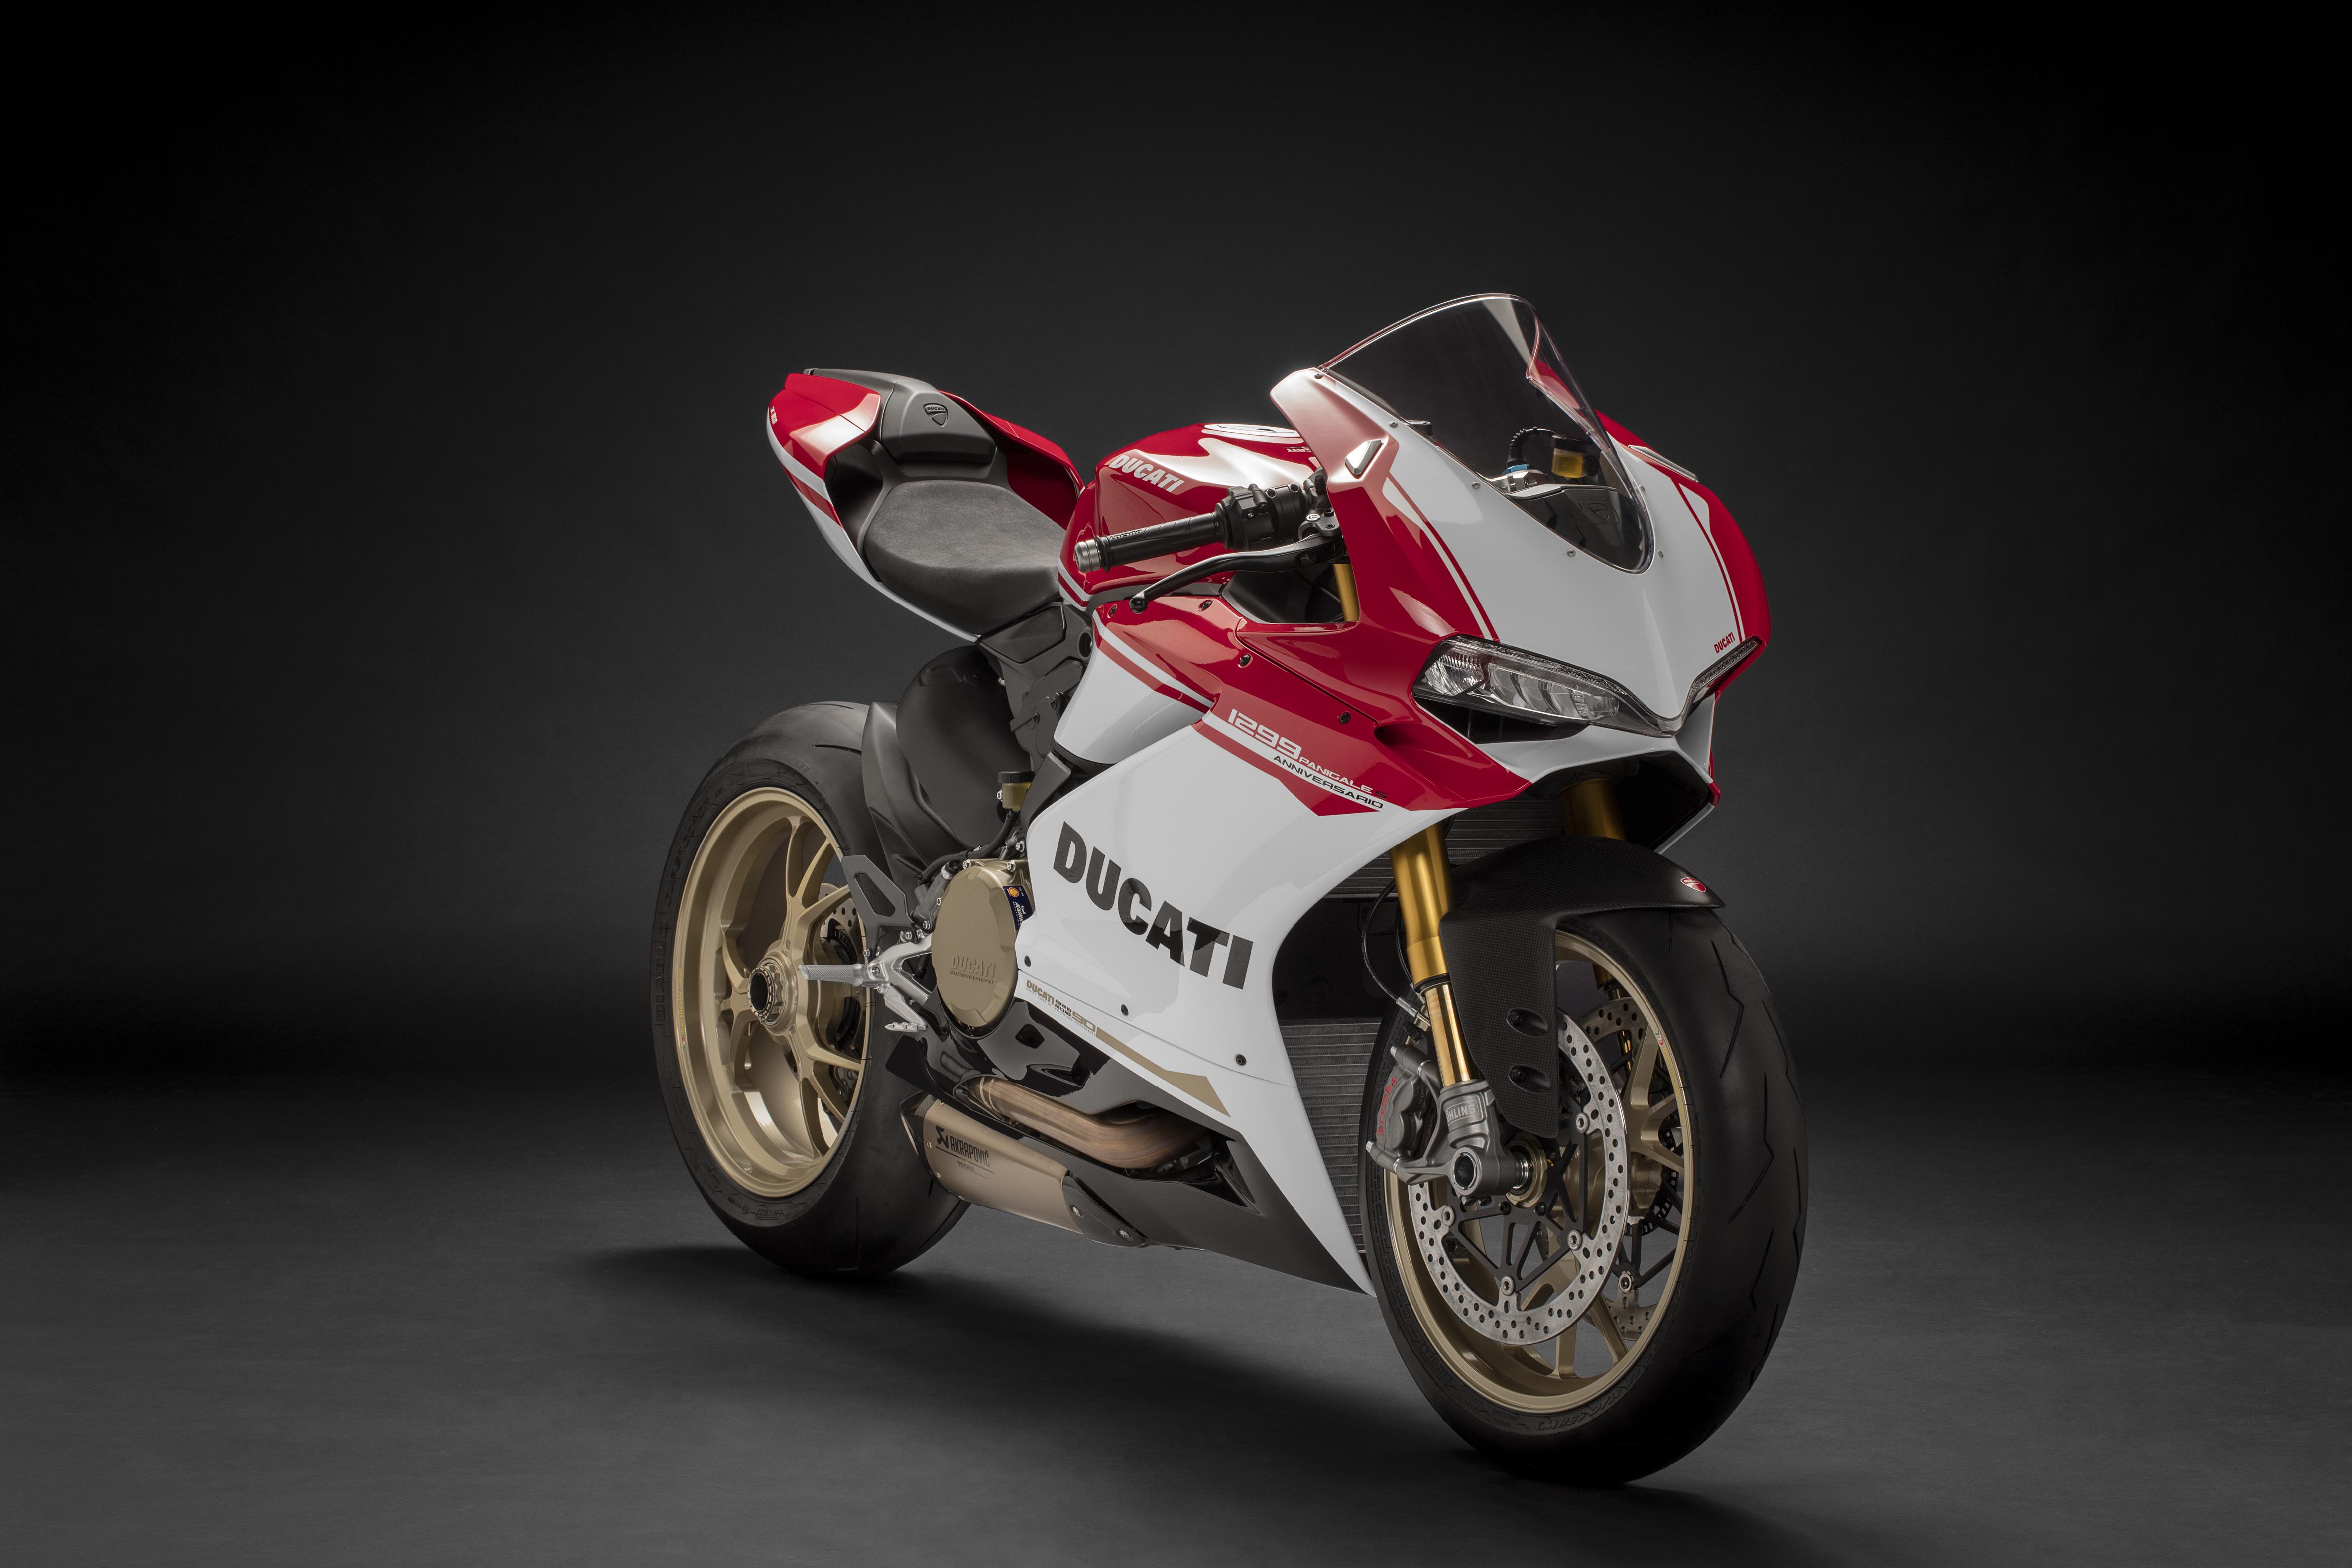 Ducati  Panigale S Anniversario For Sale